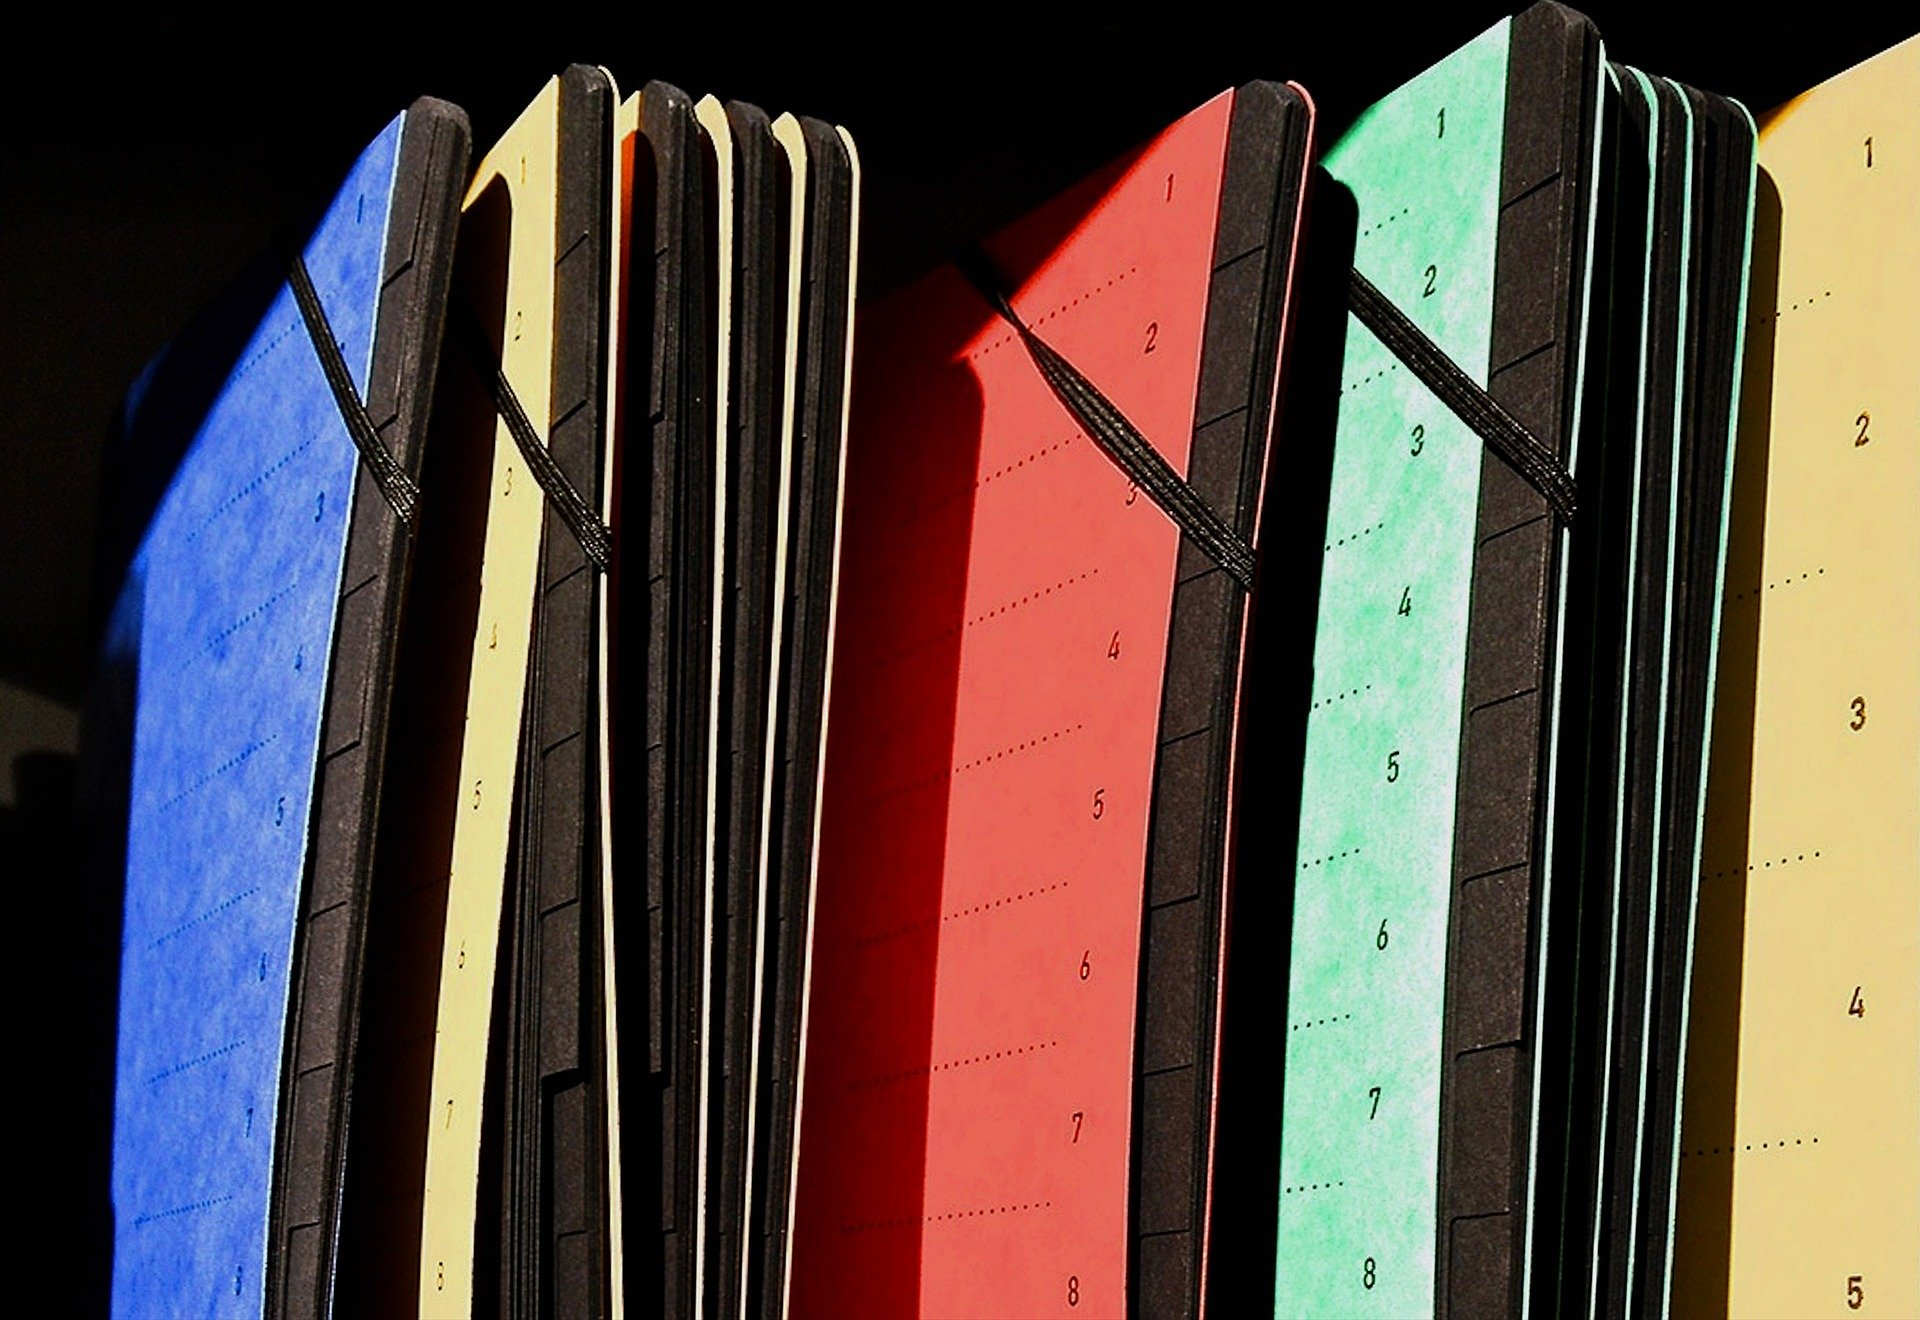 Imagem de pastas sanfonadas coloridas em estante de arquivo